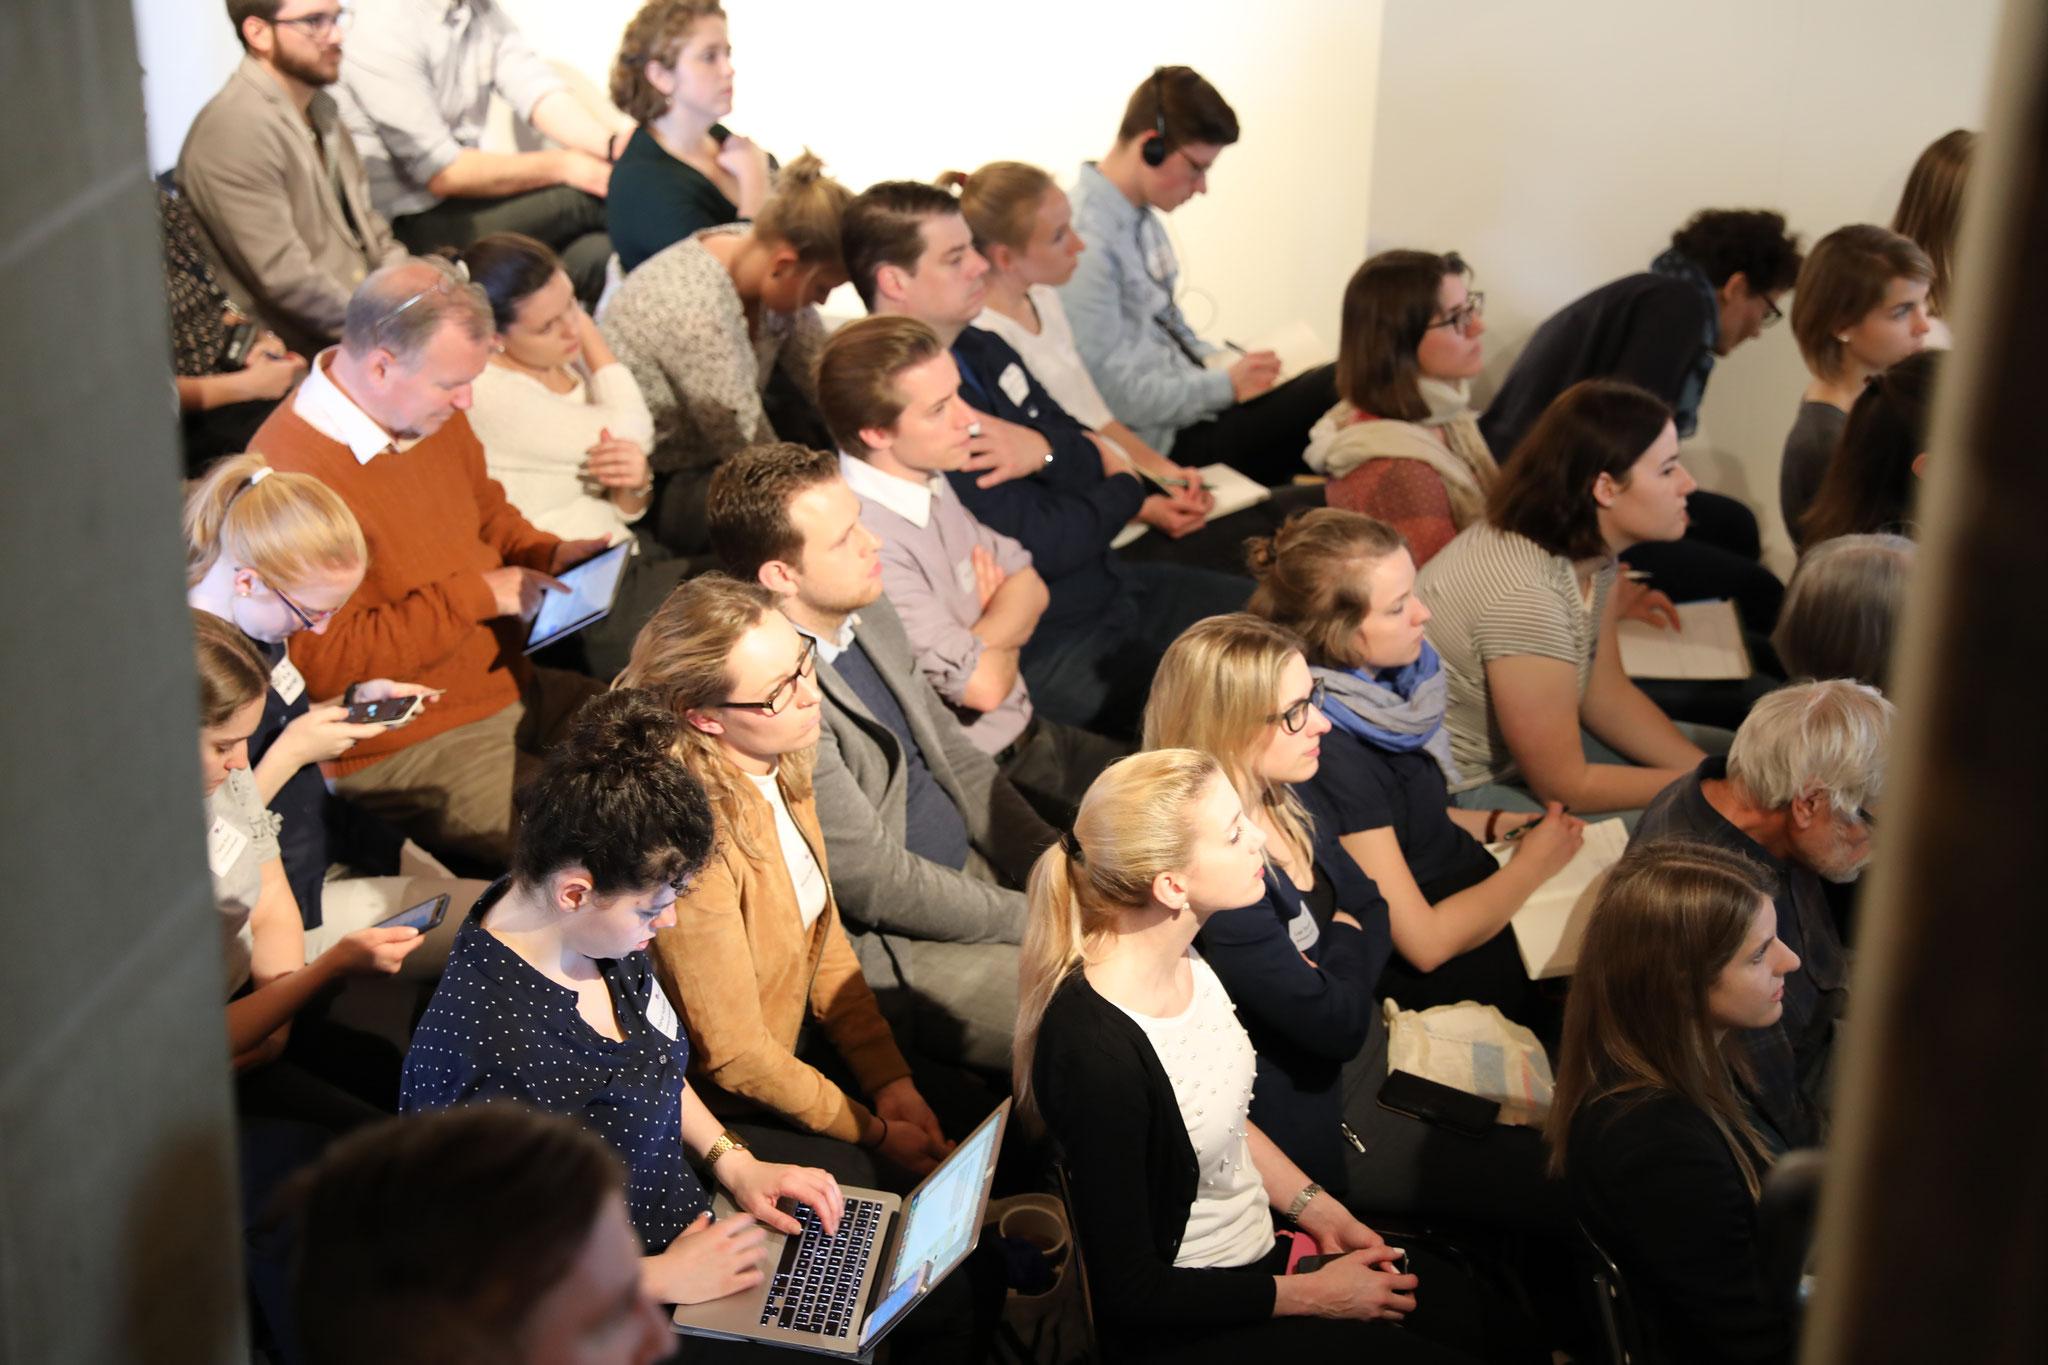 Zahlreiches Publikum, welches vor Ort und online mitdiskutierte